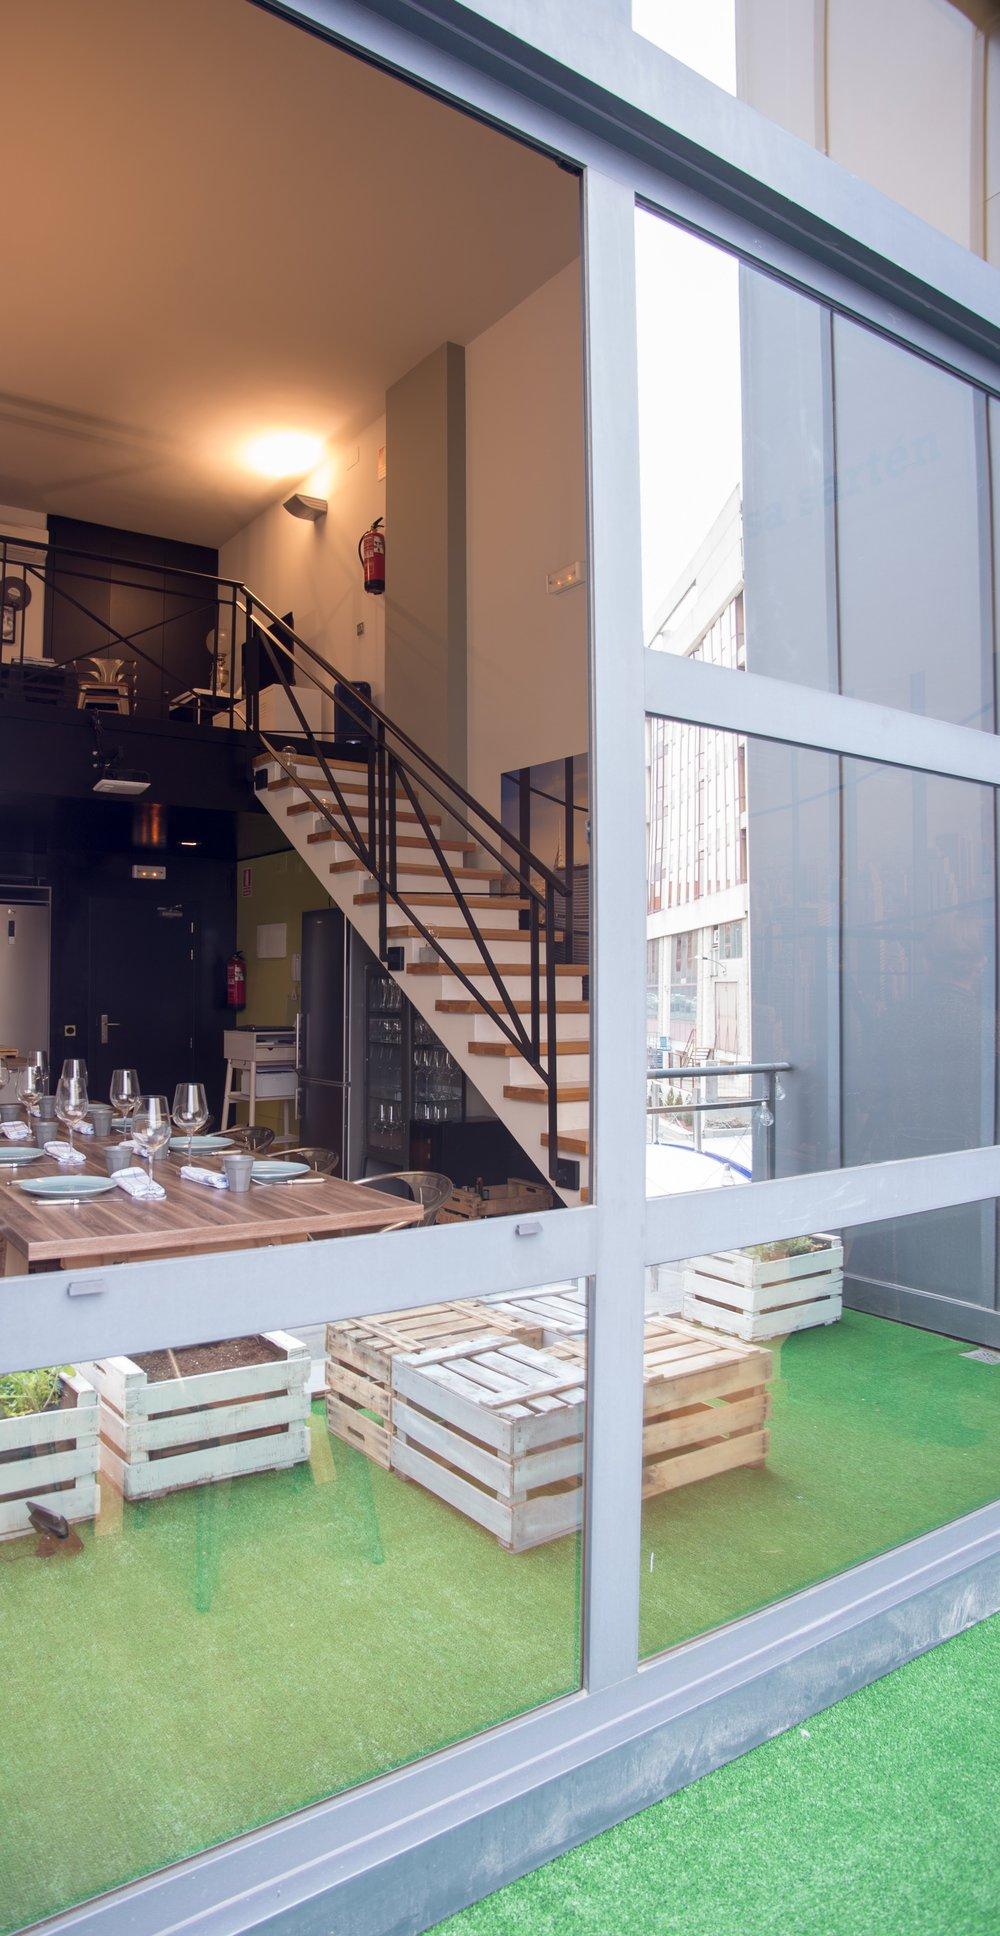 La terracita… - Es un pequeño balcón donde, además de tener nuestro pequeño huerto urbano y nuestra parrilla de carbón, dispone de una mesa y unos taburetes para quien quiera salir a tomar un vinito al aire fresco…